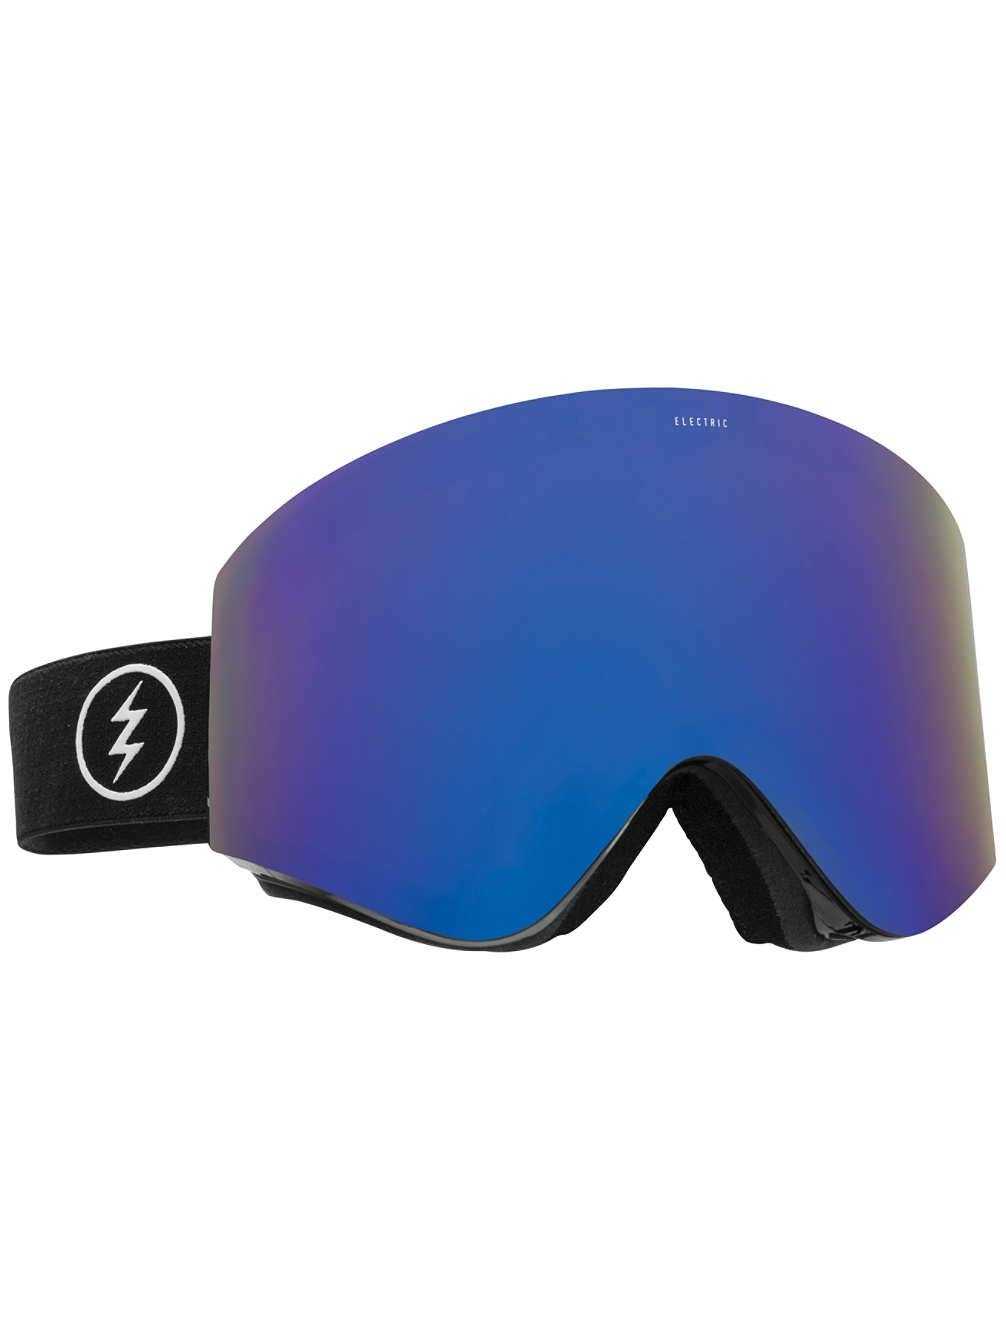 a84033241706 Electric EGX Snow Goggles - Gloss Black Frame w  Brose Blue Chrome Lens